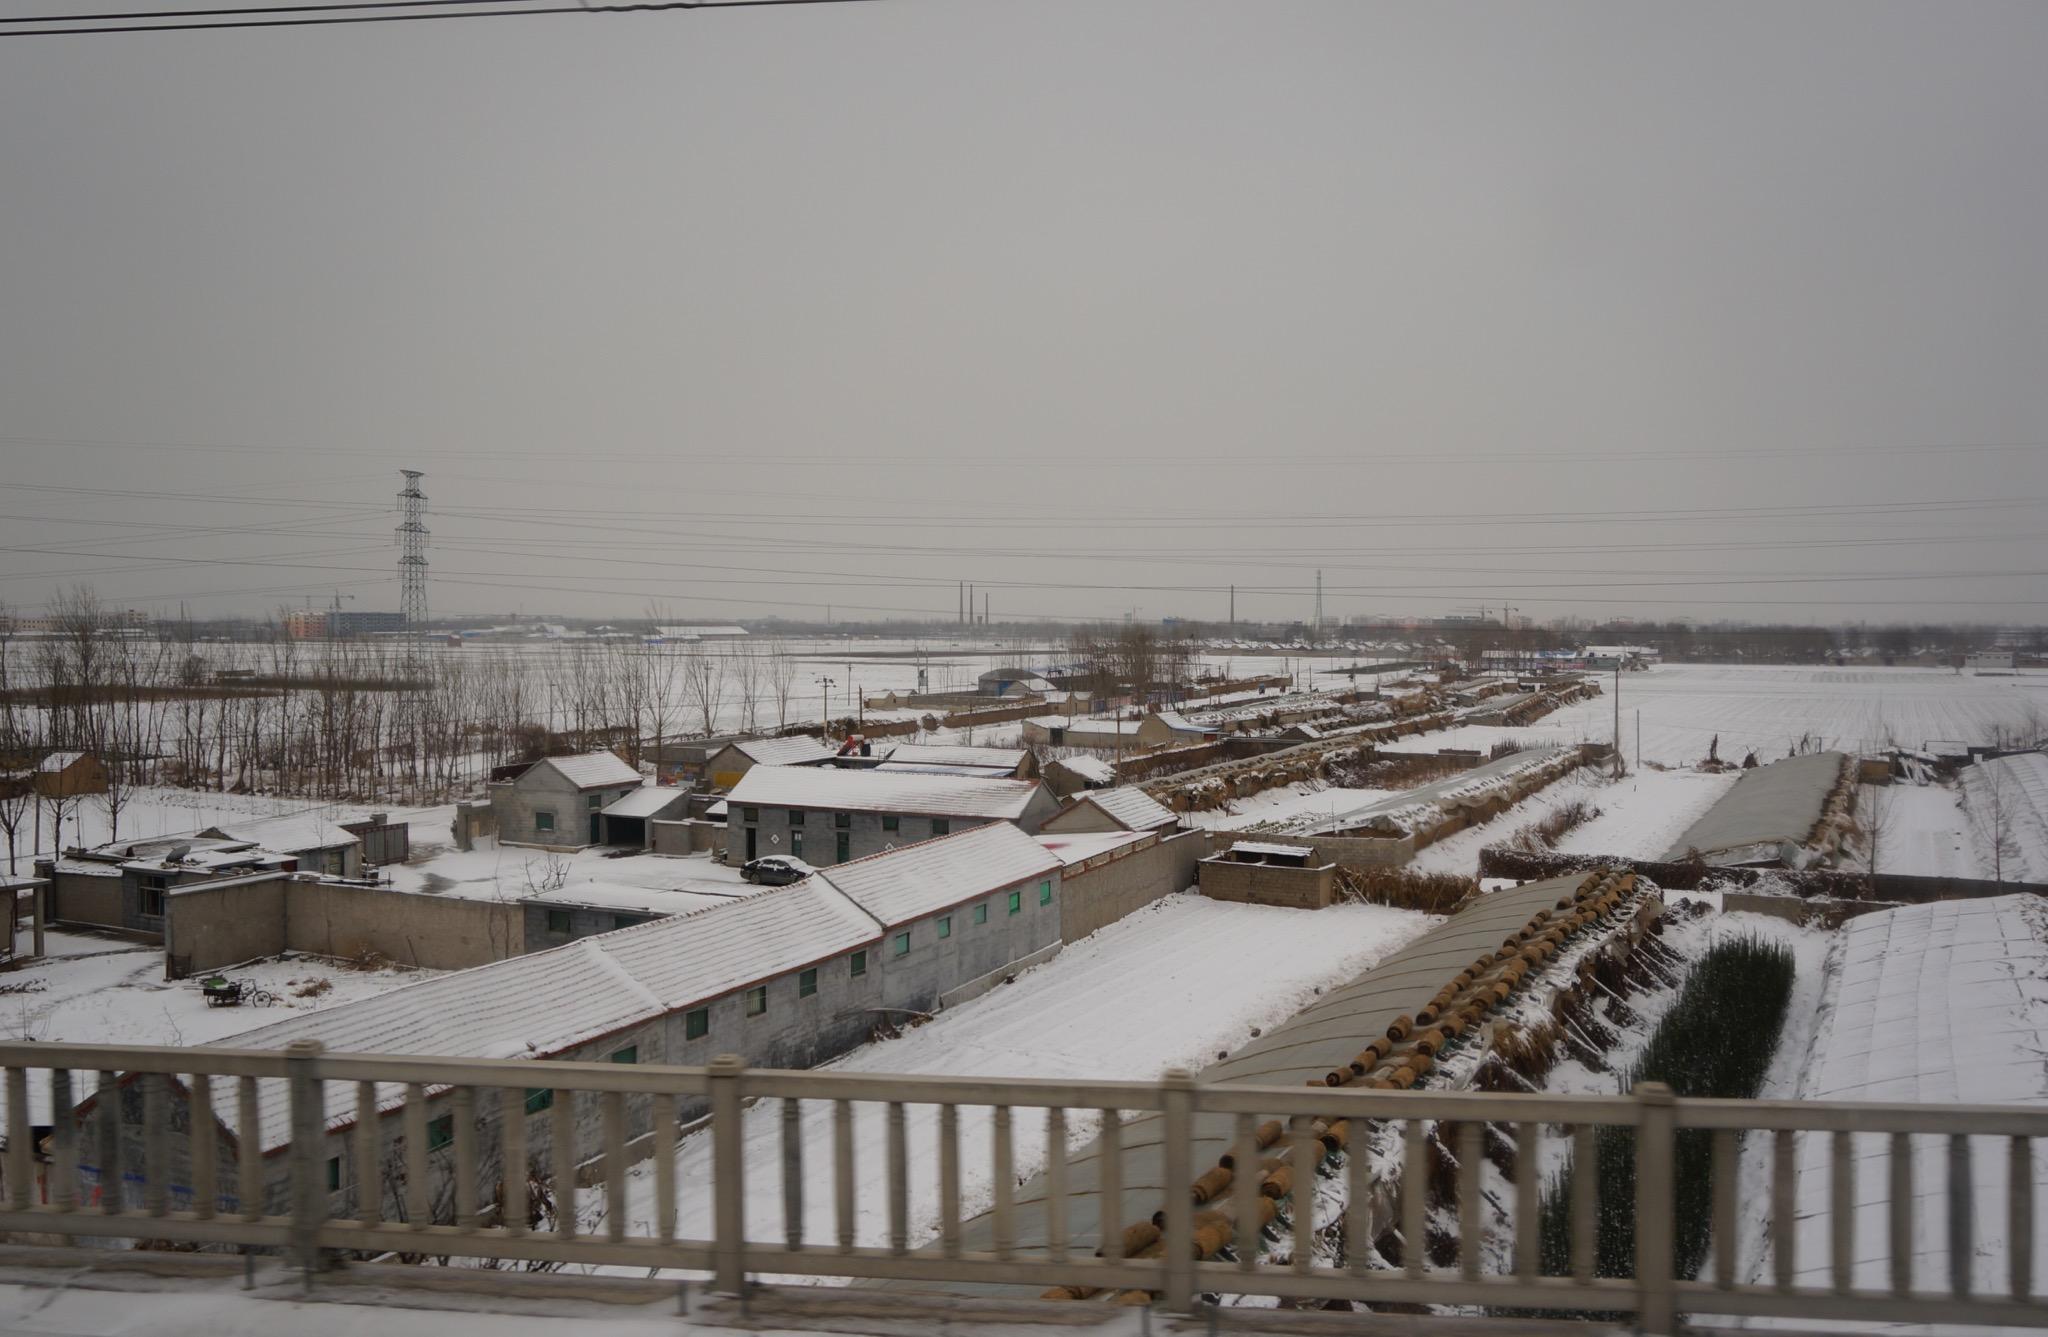 一路上下了大雪